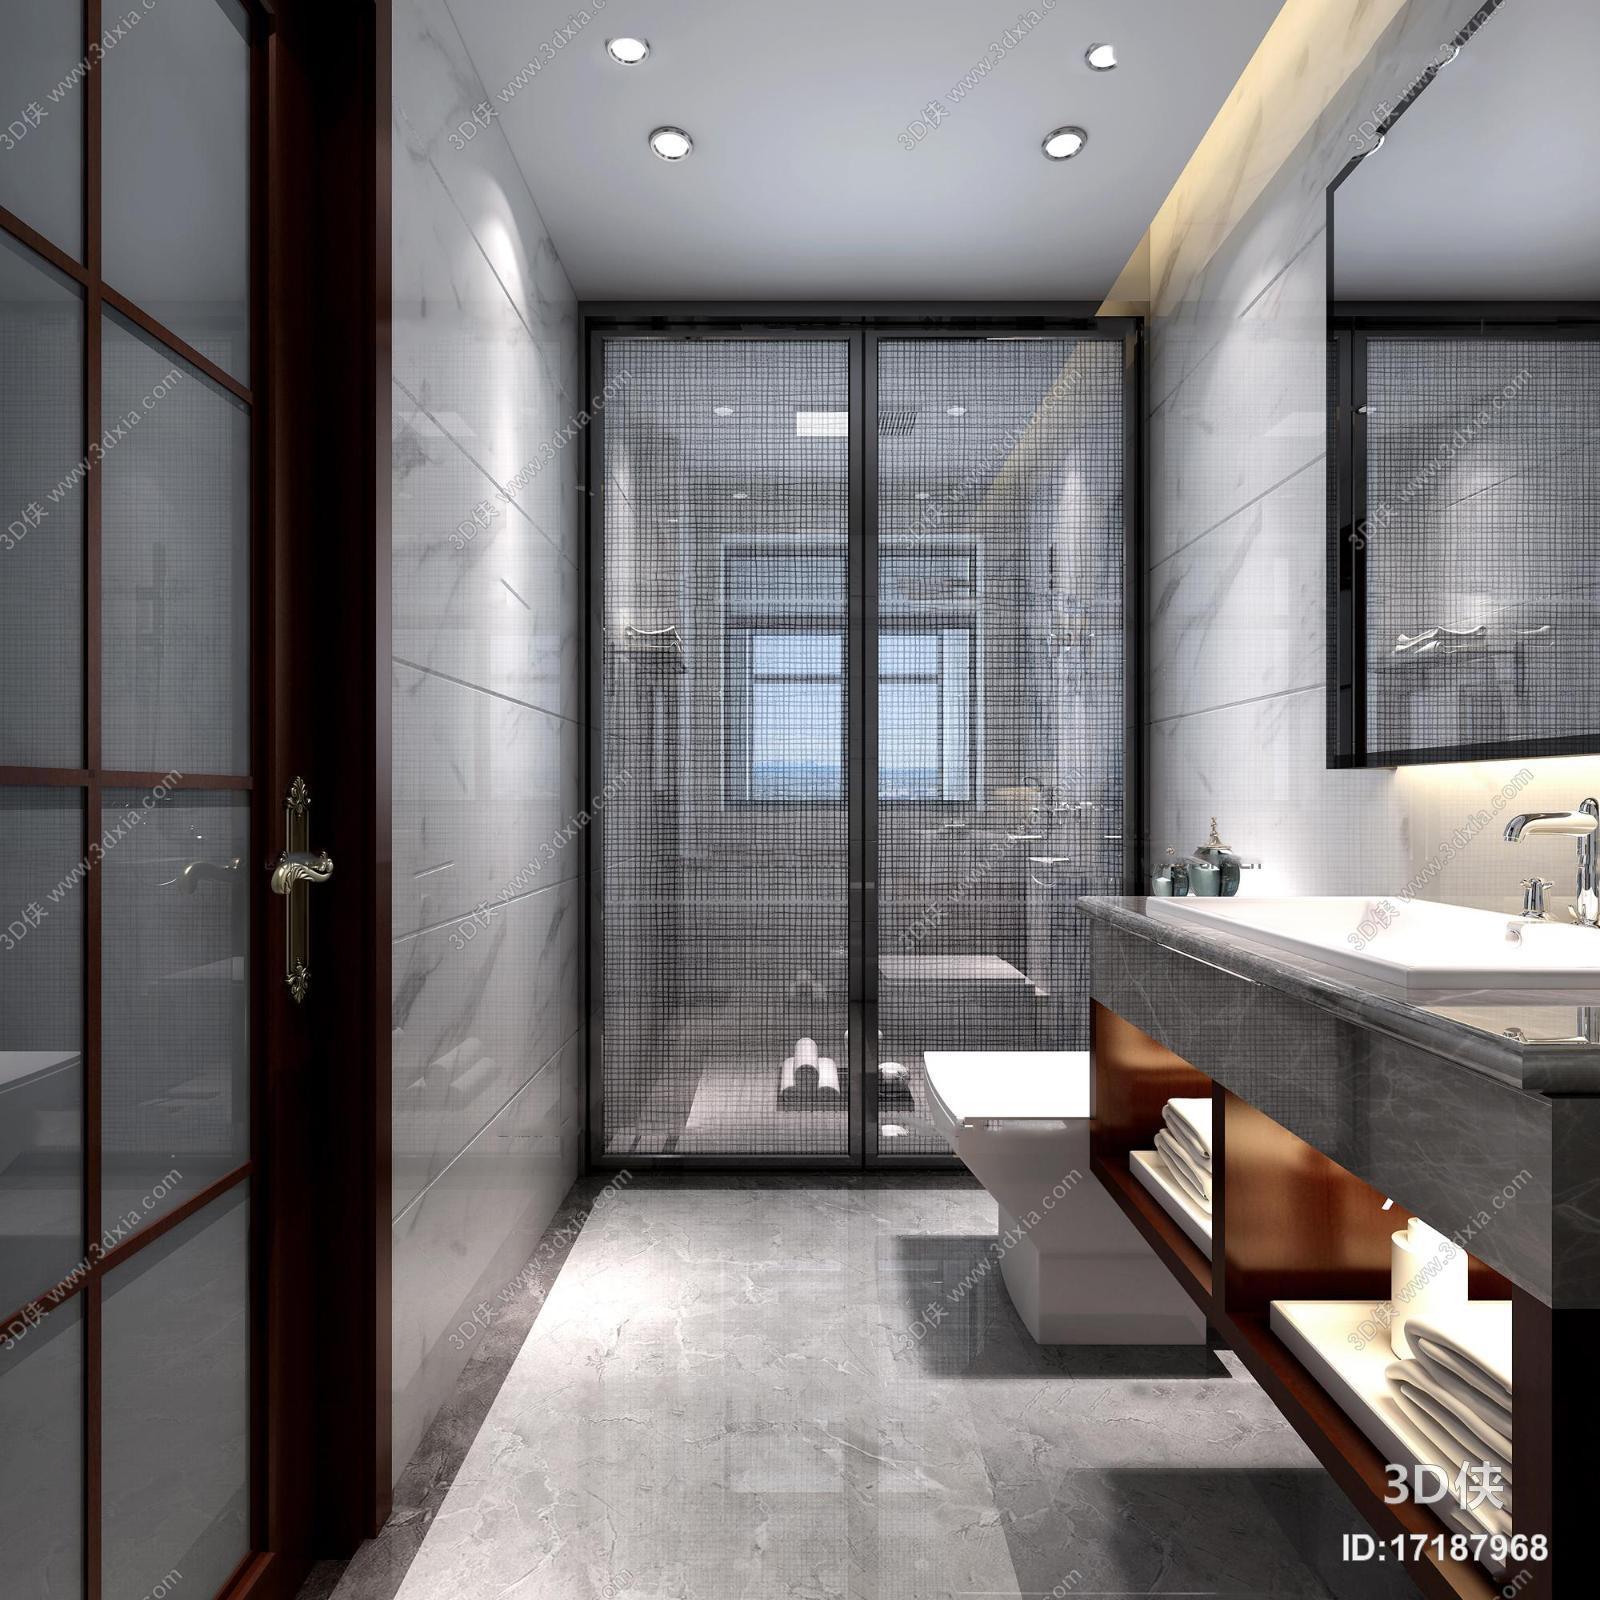 厨卫效果图素材免费下载,本作品主题是新中式淋浴间卫生间3d模型,编号